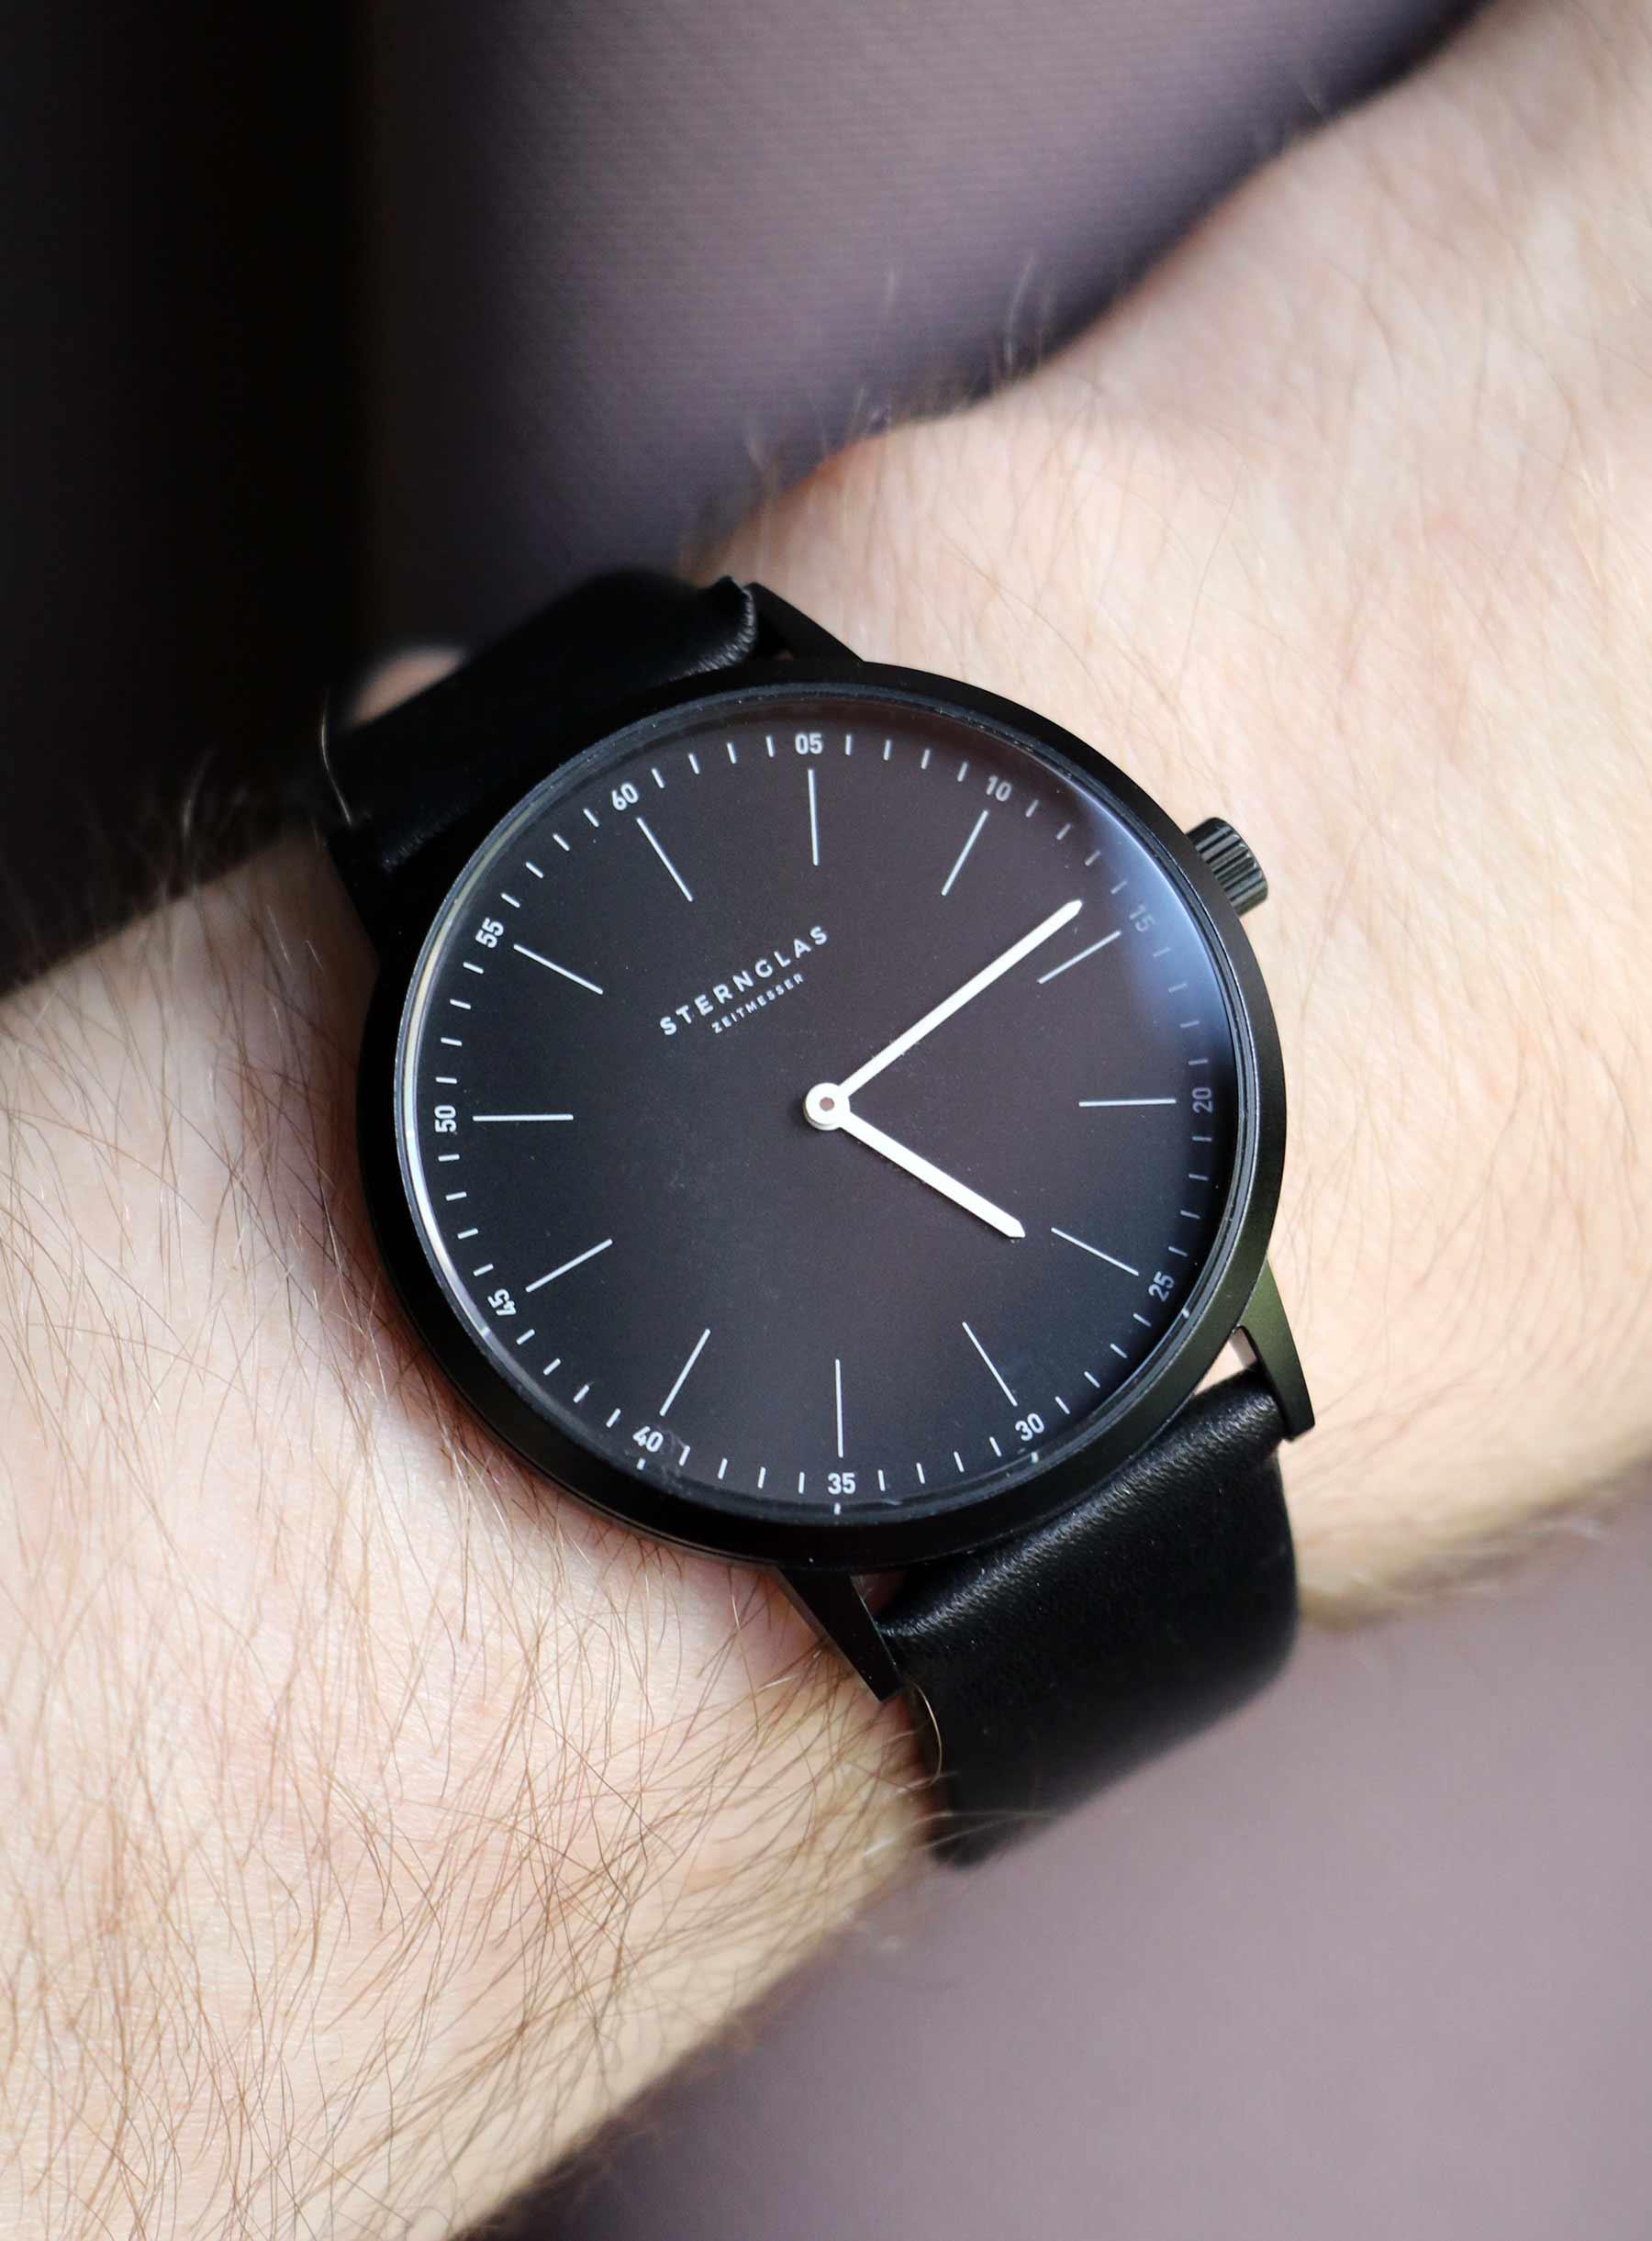 Extra leichte Armbanduhr im Bauhausdesign: Die neue STERNGLAS Modesto Sternglas_Modesto_Armbanduhr_Test_03